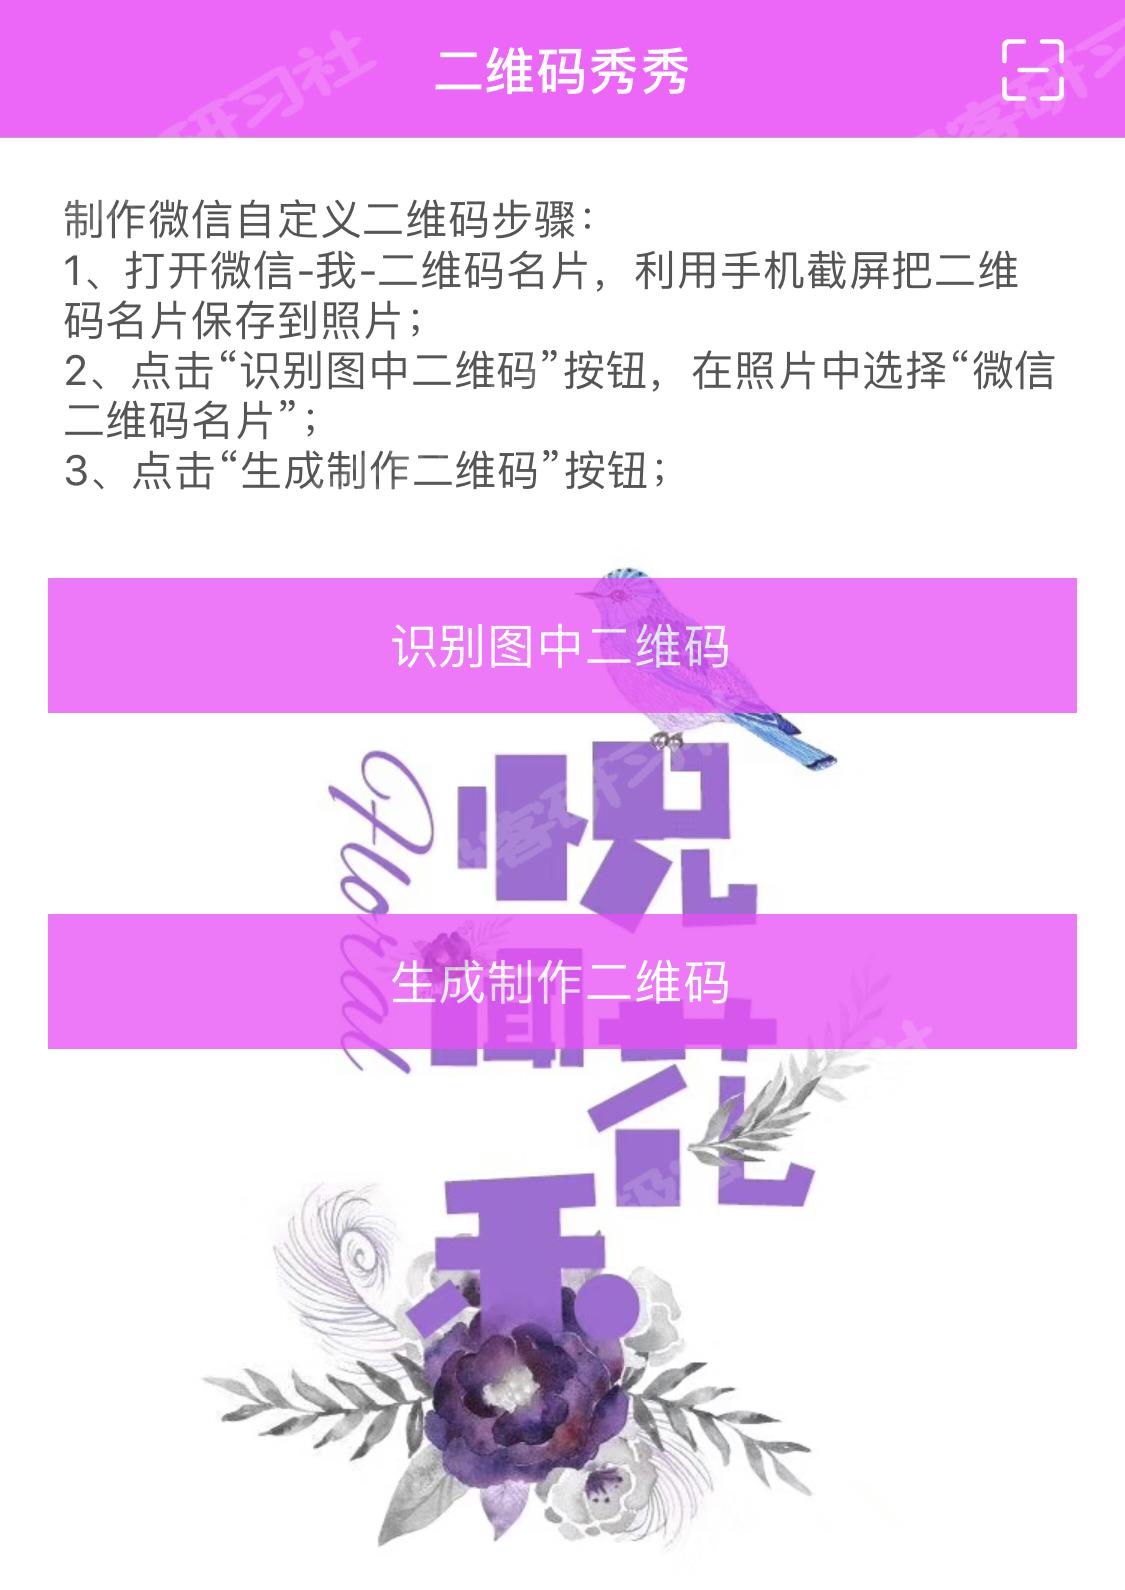 13_副本.png